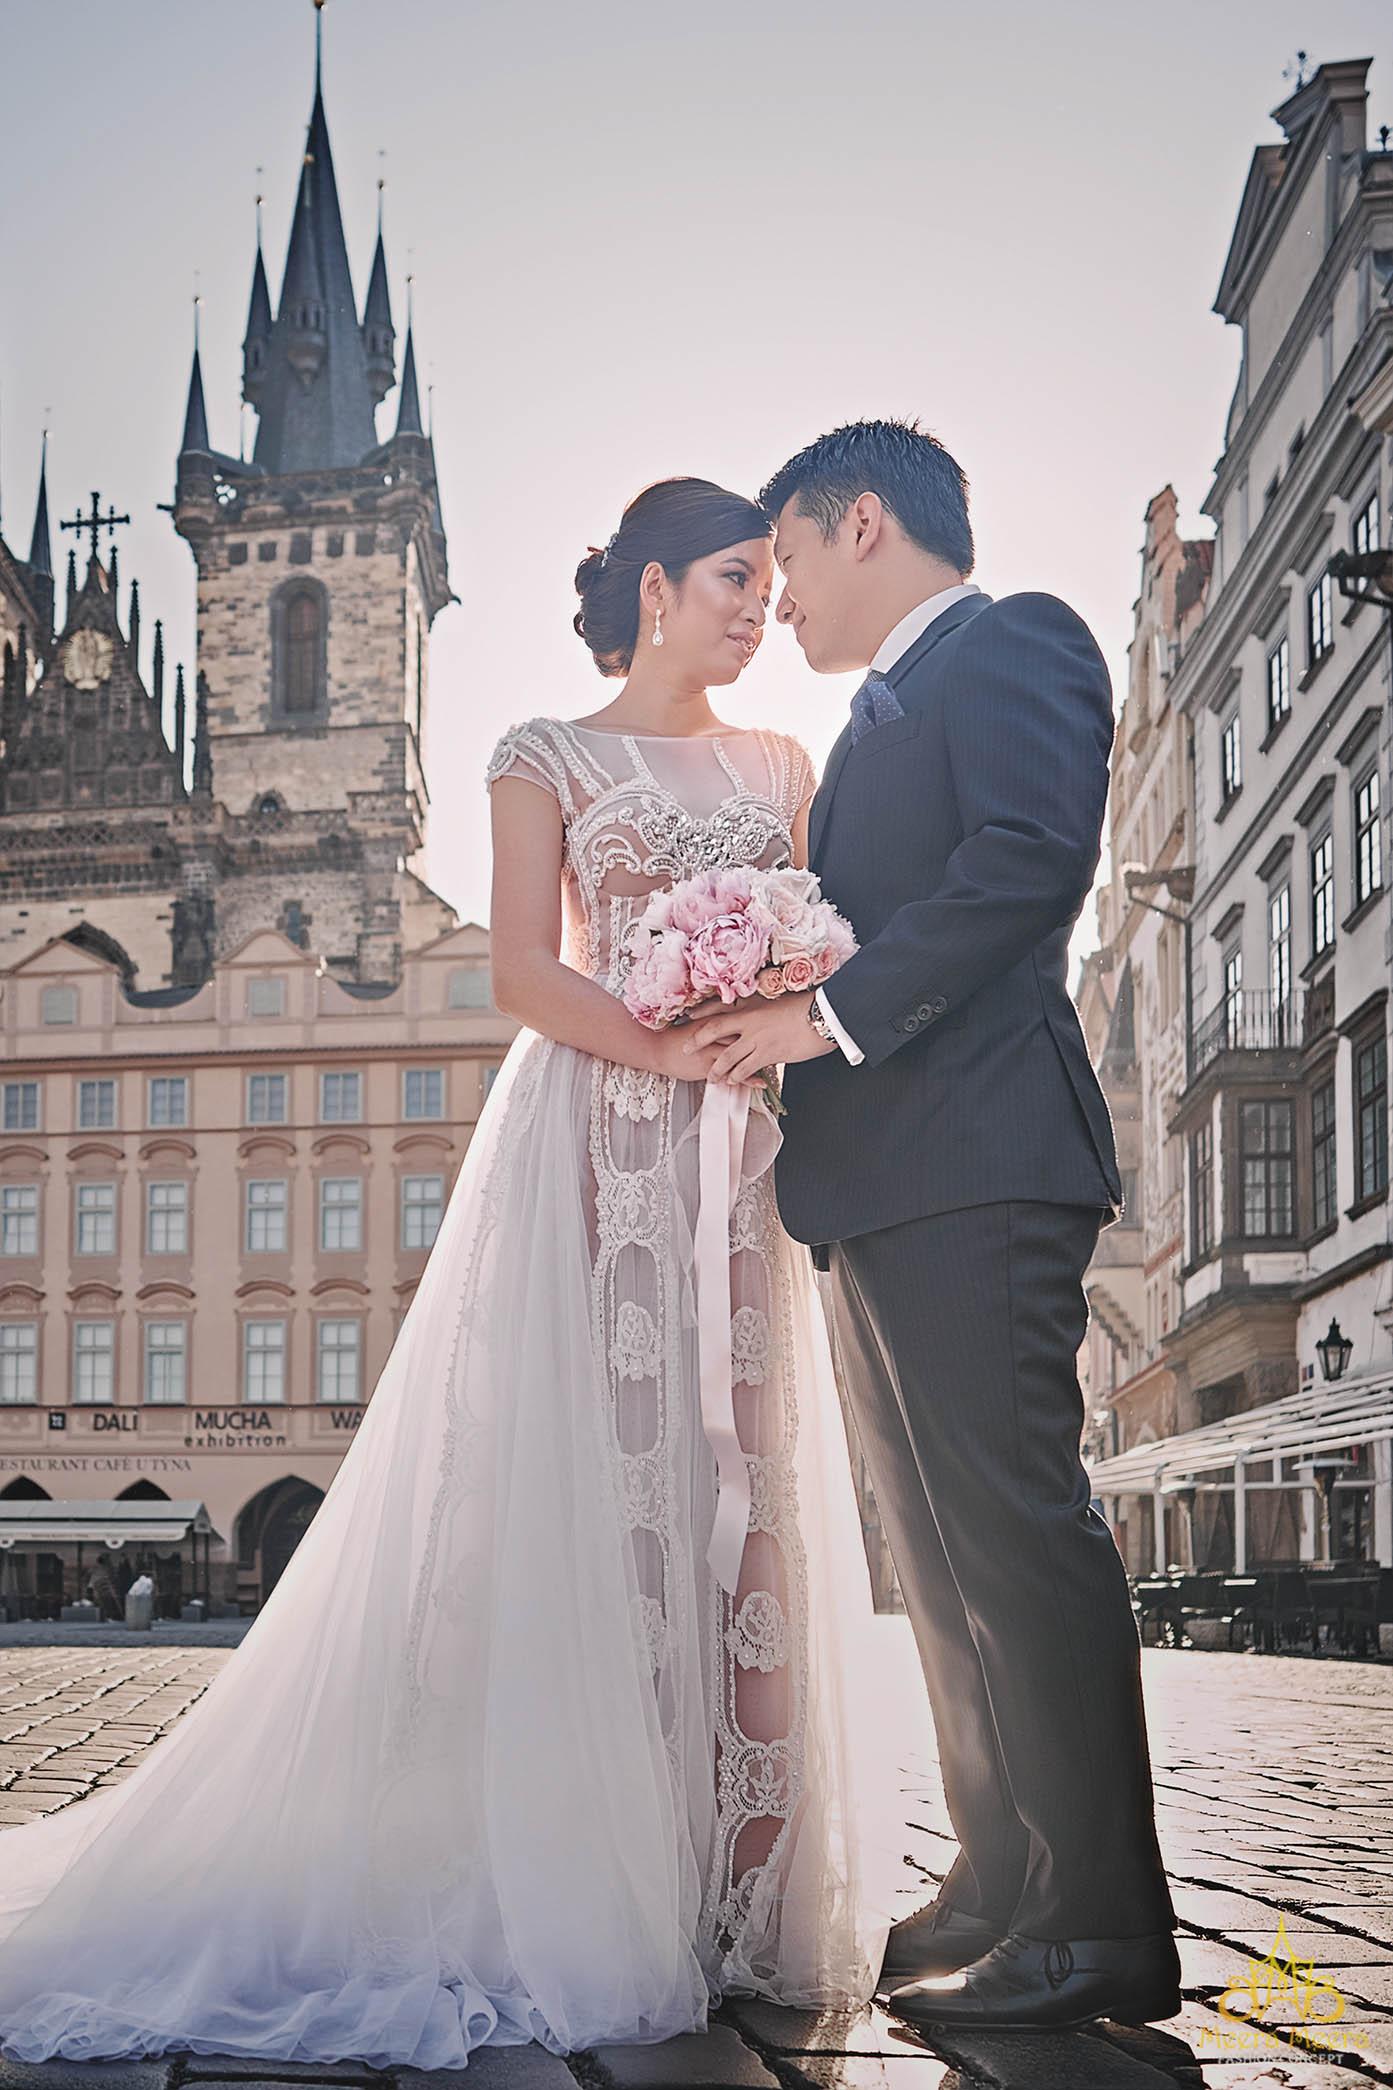 áo cưới meera meera fashion concept địa chỉ may áo cưới